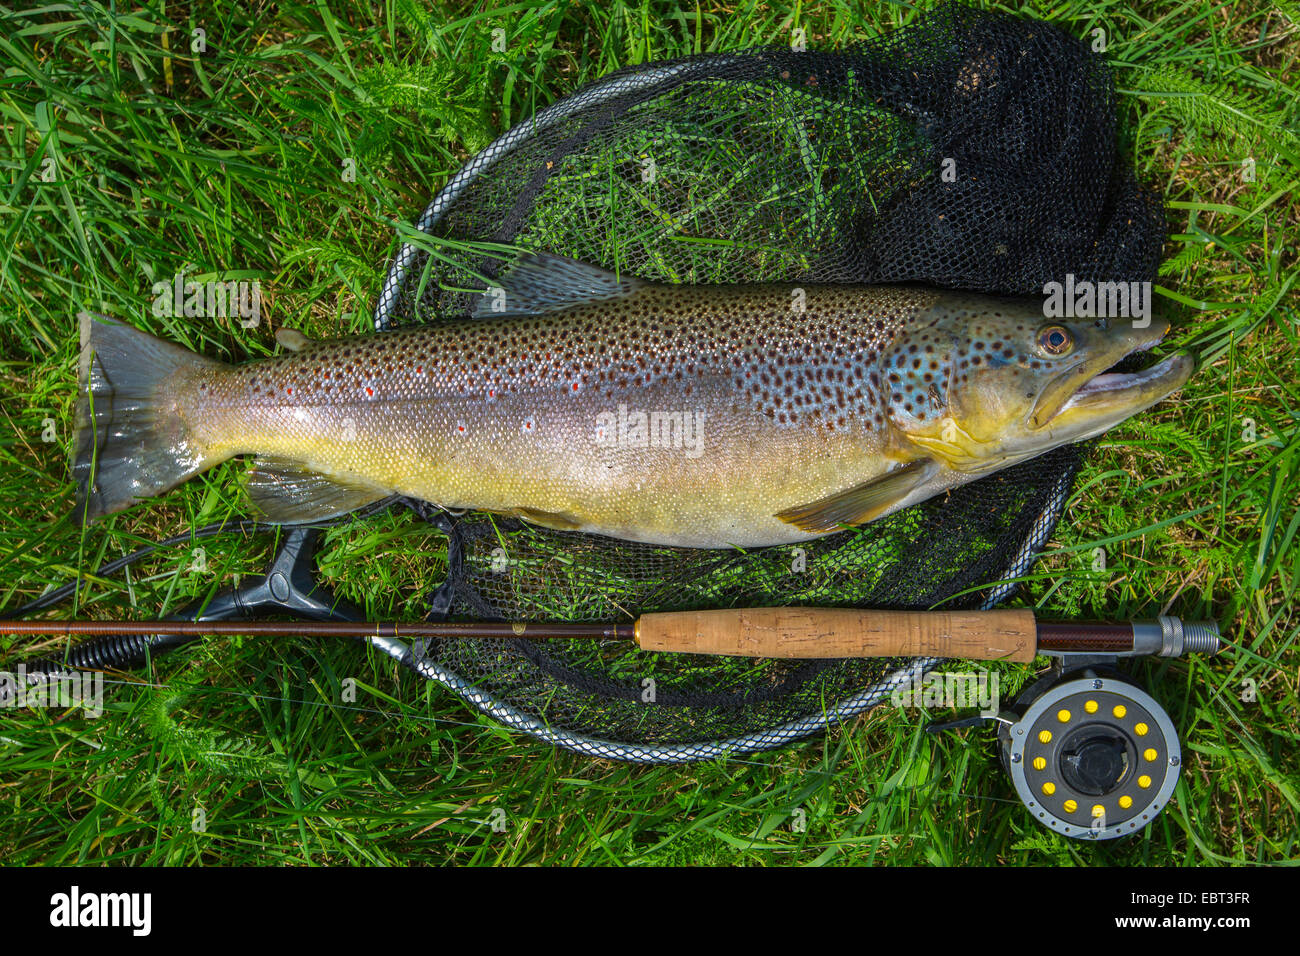 La trucha marrón, la trucha de arroyo, la trucha de río (Salmo trutta fario), capturados por la pesca Imagen De Stock